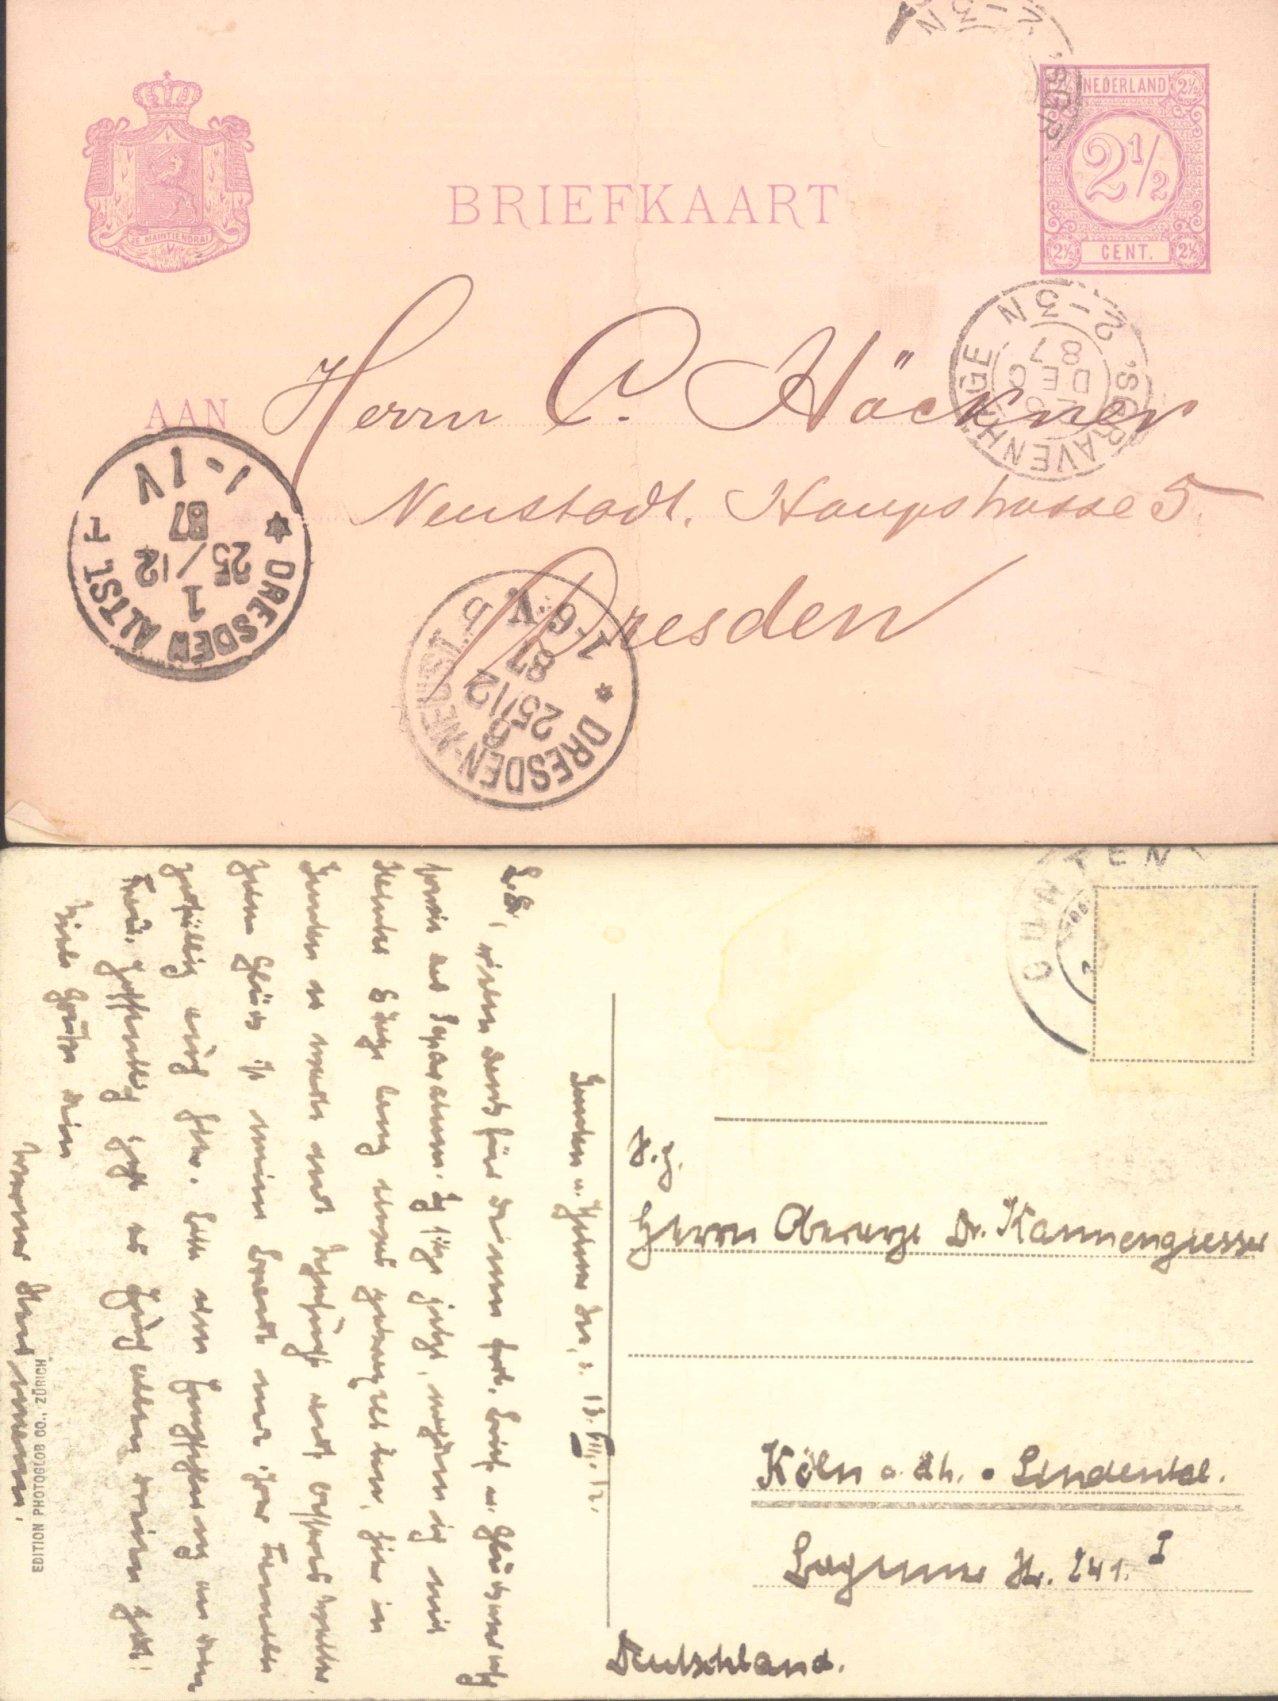 BELEGEPOSTEN aus dem ALTEN EUROPA 1884-1905, 20 GANZSACHEN-2